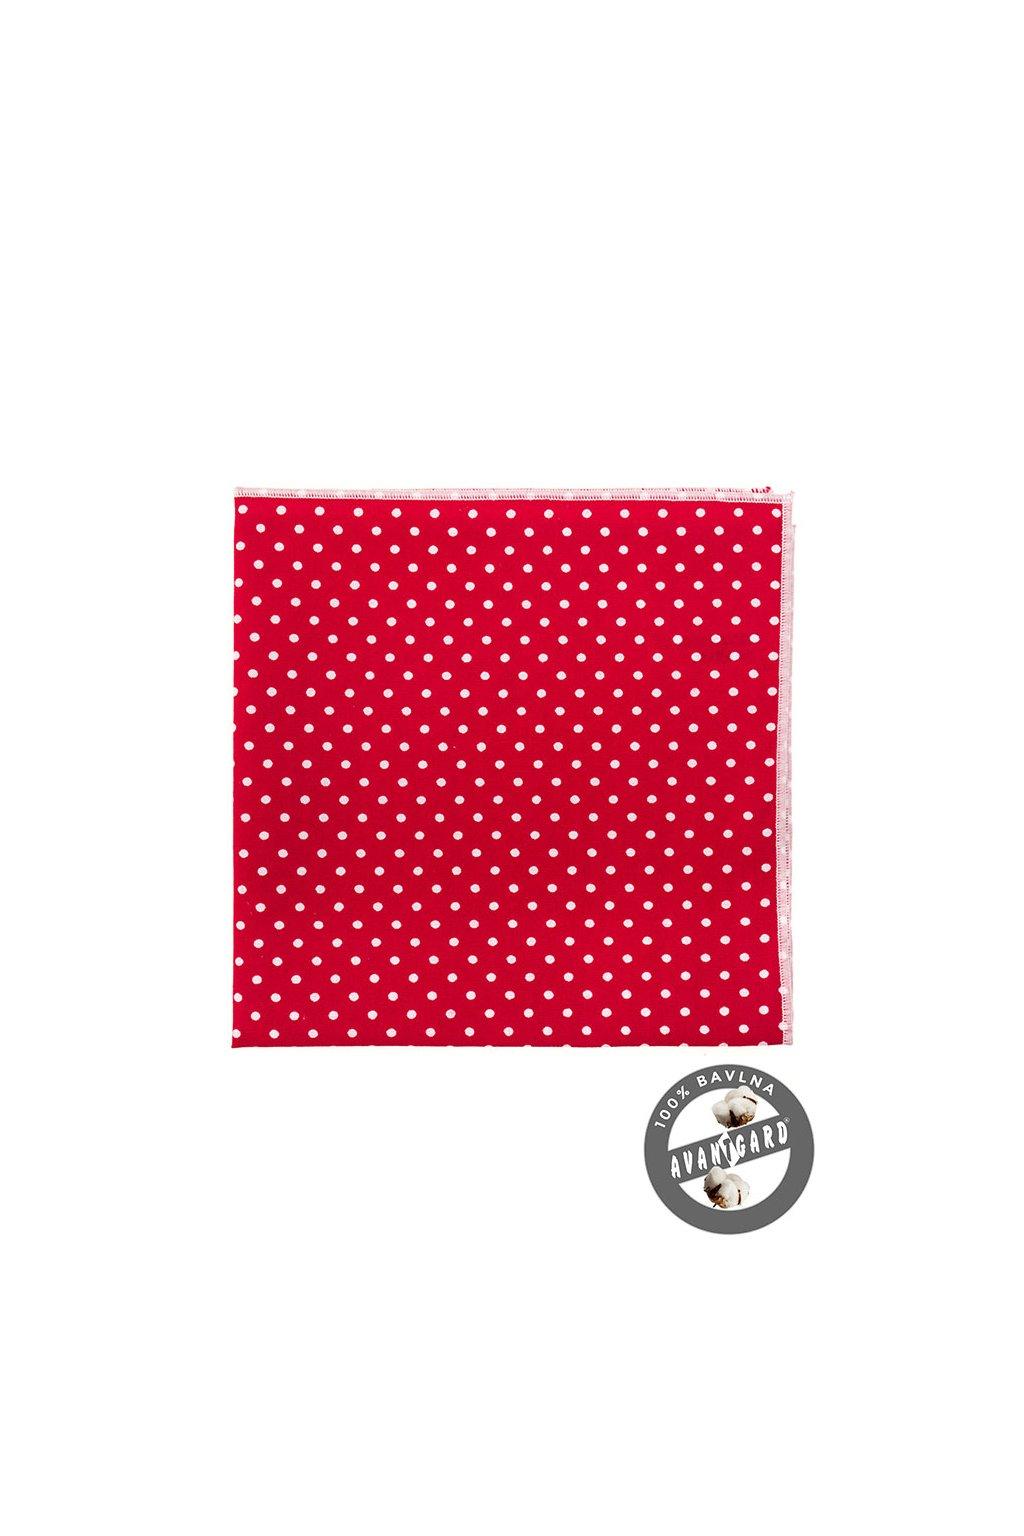 Kapesníček do saka LUX červená s bílým puntíkem 583 - 5140